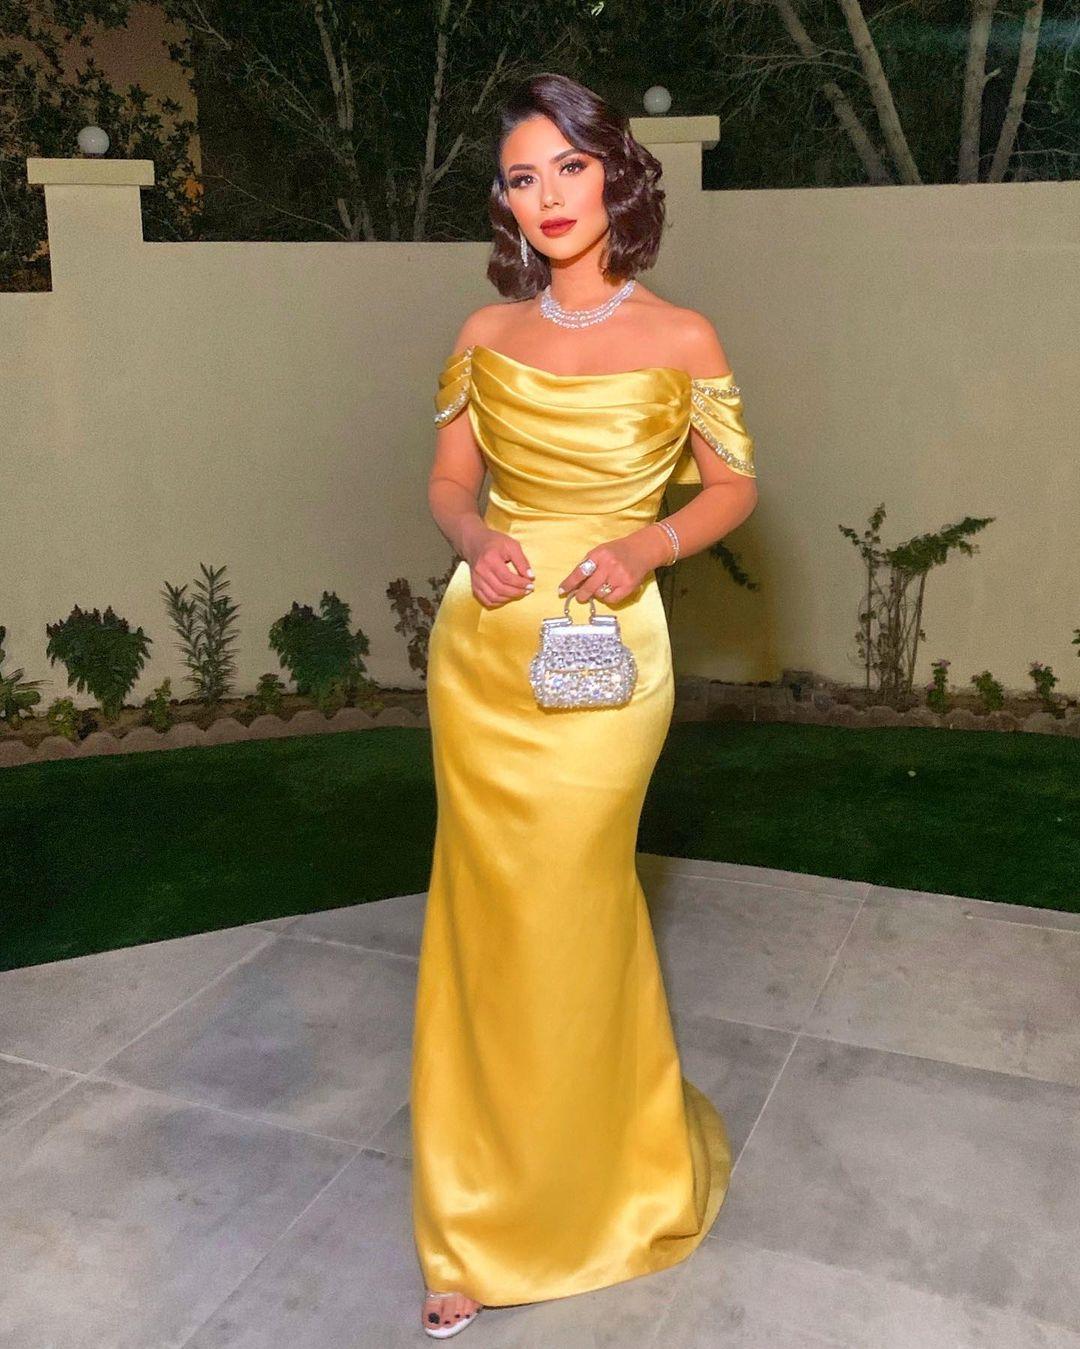 ديما الأسدي بفستان زاهٍ من الحرير باللون الأصفر